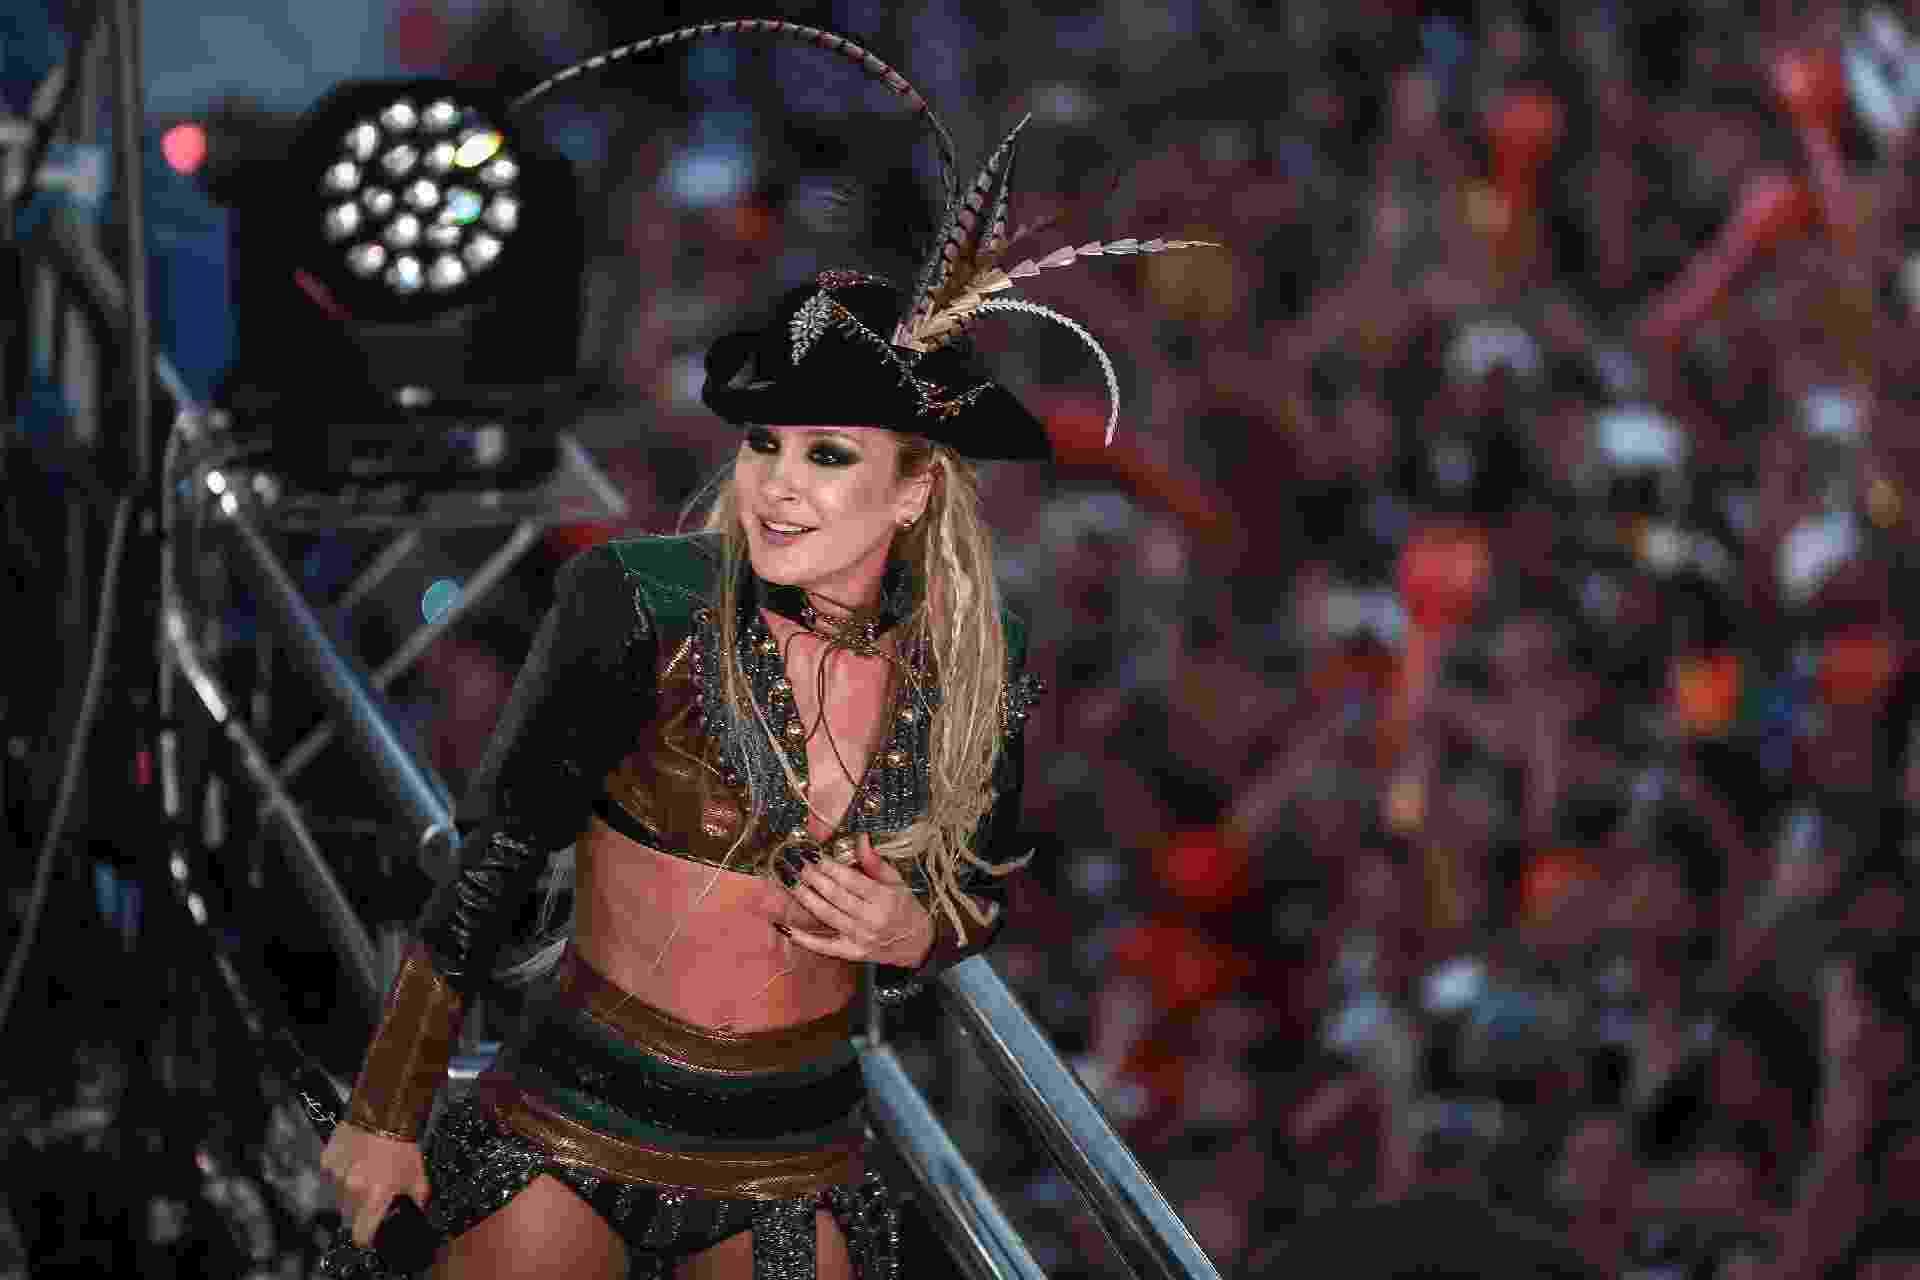 """""""Oi, piratas. Vocês estão prontos? Joguem toda a energia neste último dia de Carnaval. Vamos desbravar comigo os sete mares"""", disse Claudia Leitte para o público em Salvador - Raphael Castello/AgNews"""